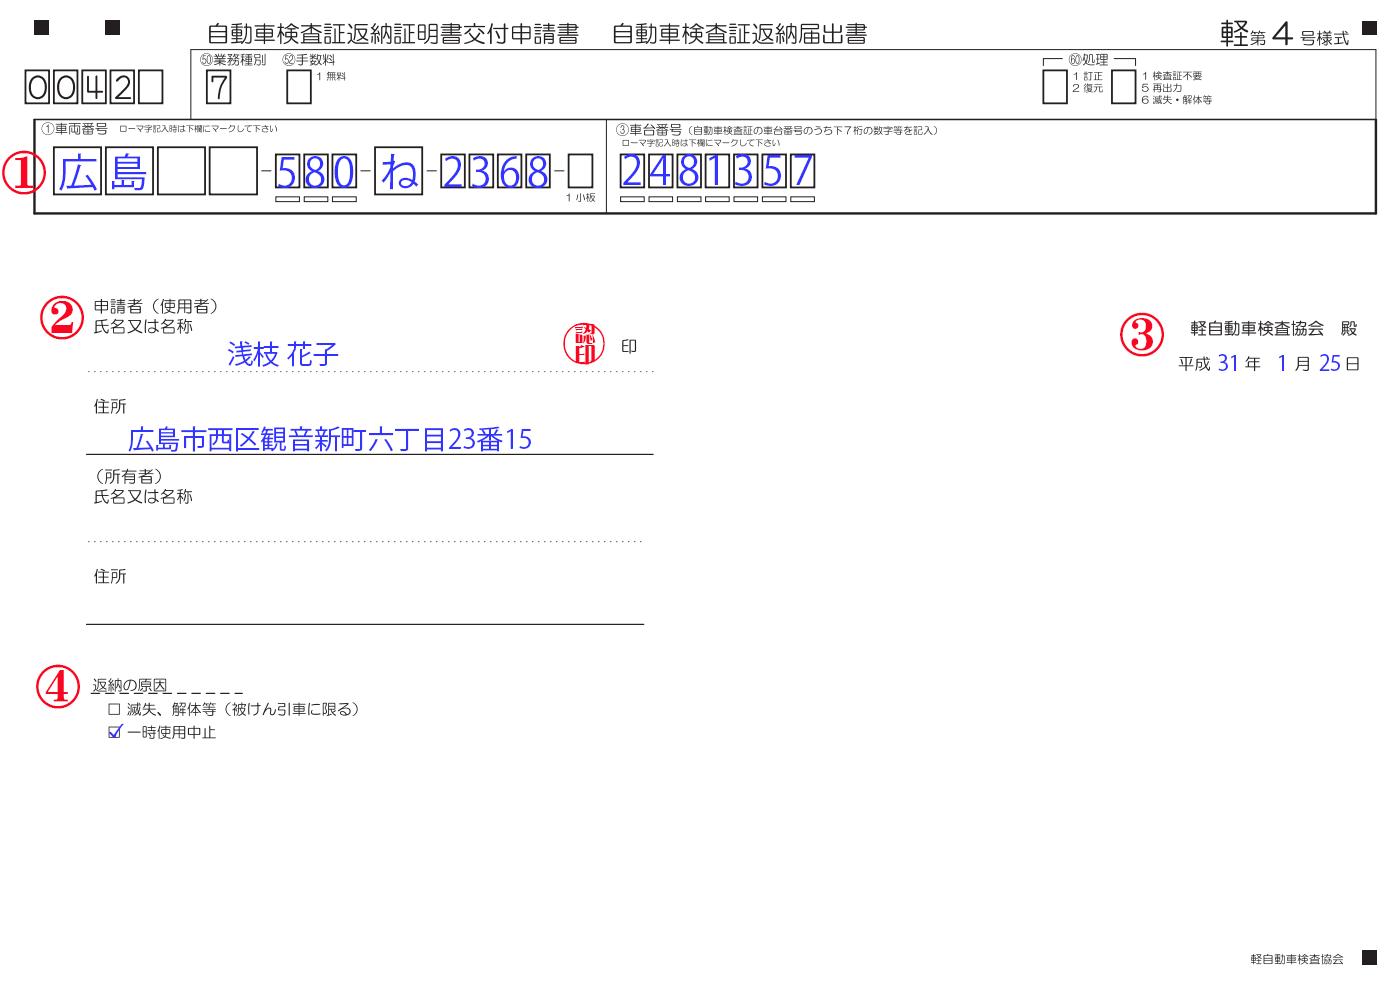 自動車検査証返納届申請書記載例